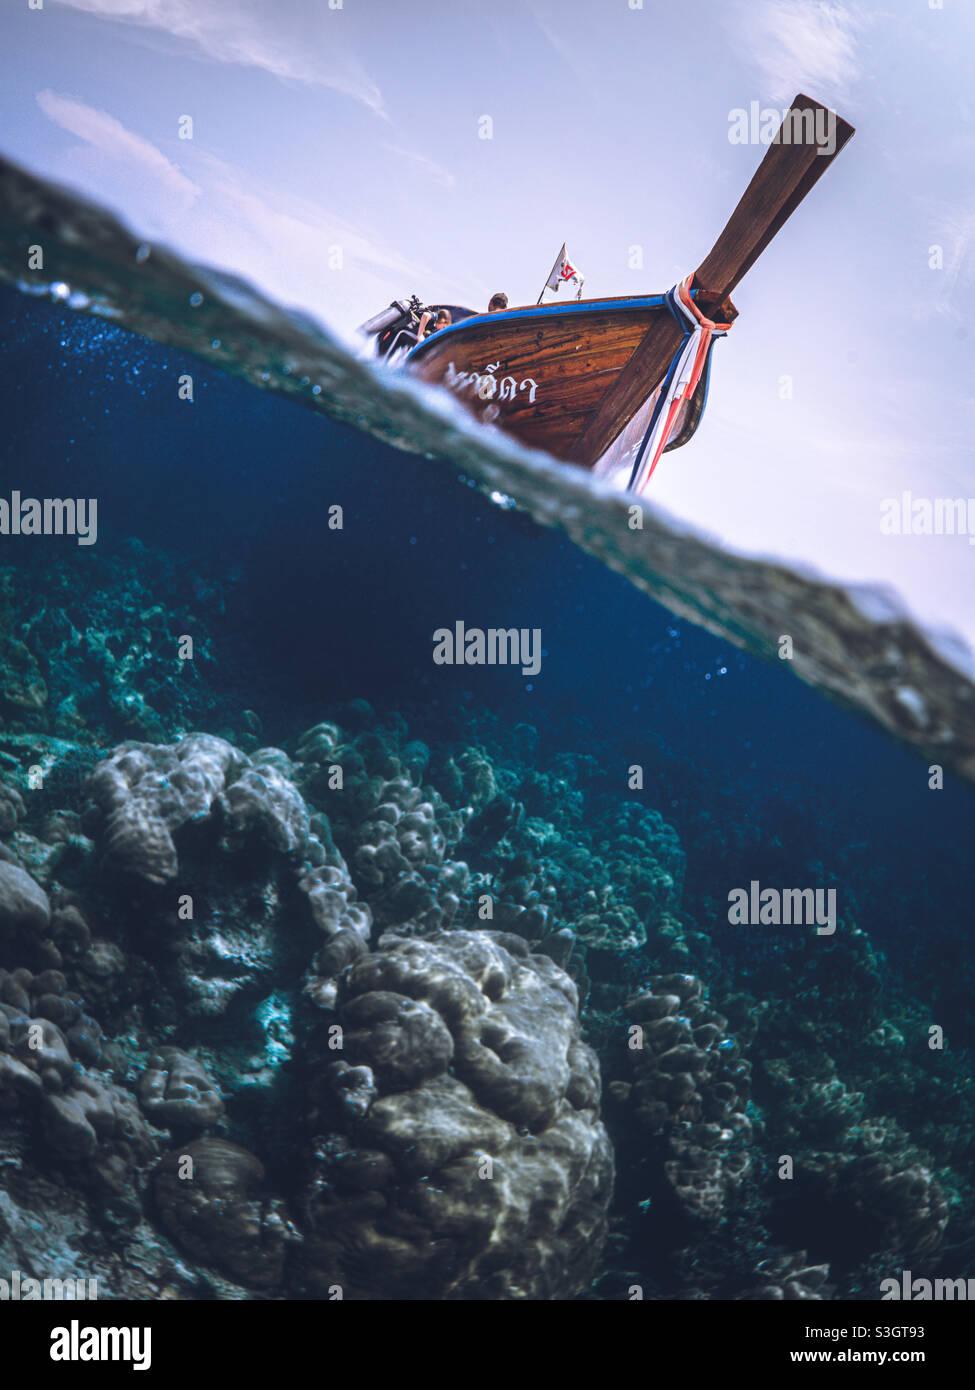 Long Tail Holzboot tipic aus Thailand zu schnorcheln in das blaue und klare Wasser Stockfoto